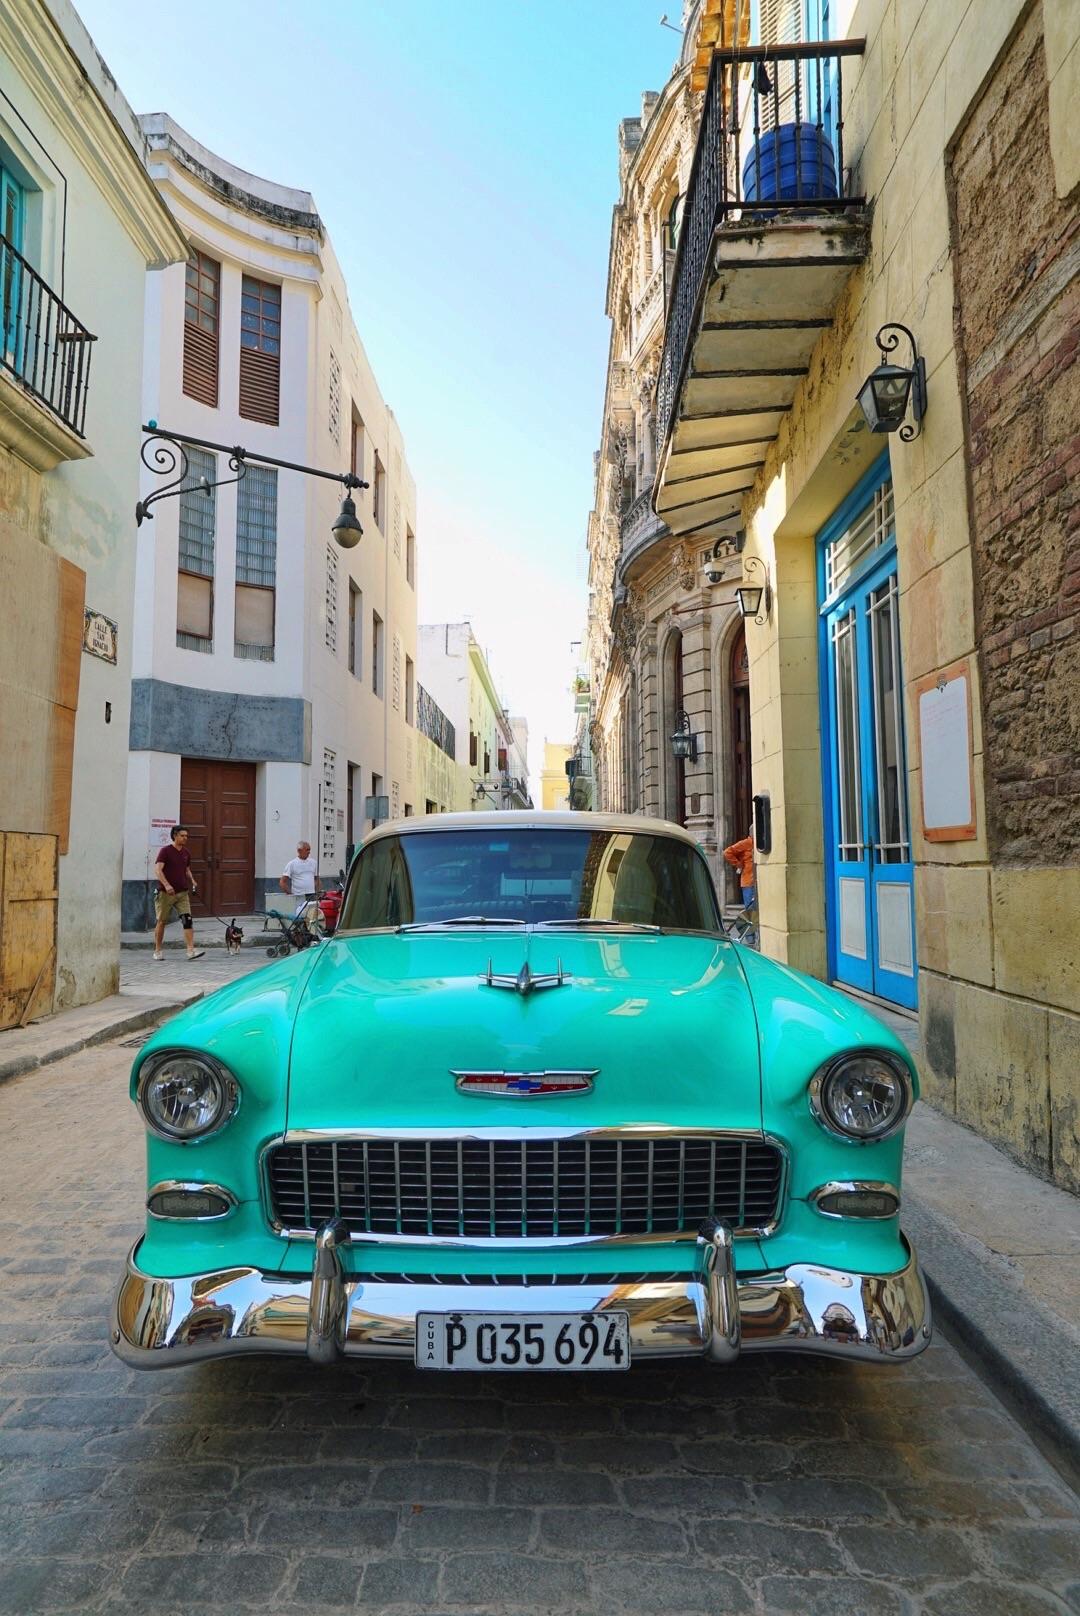 cuba havana street and car